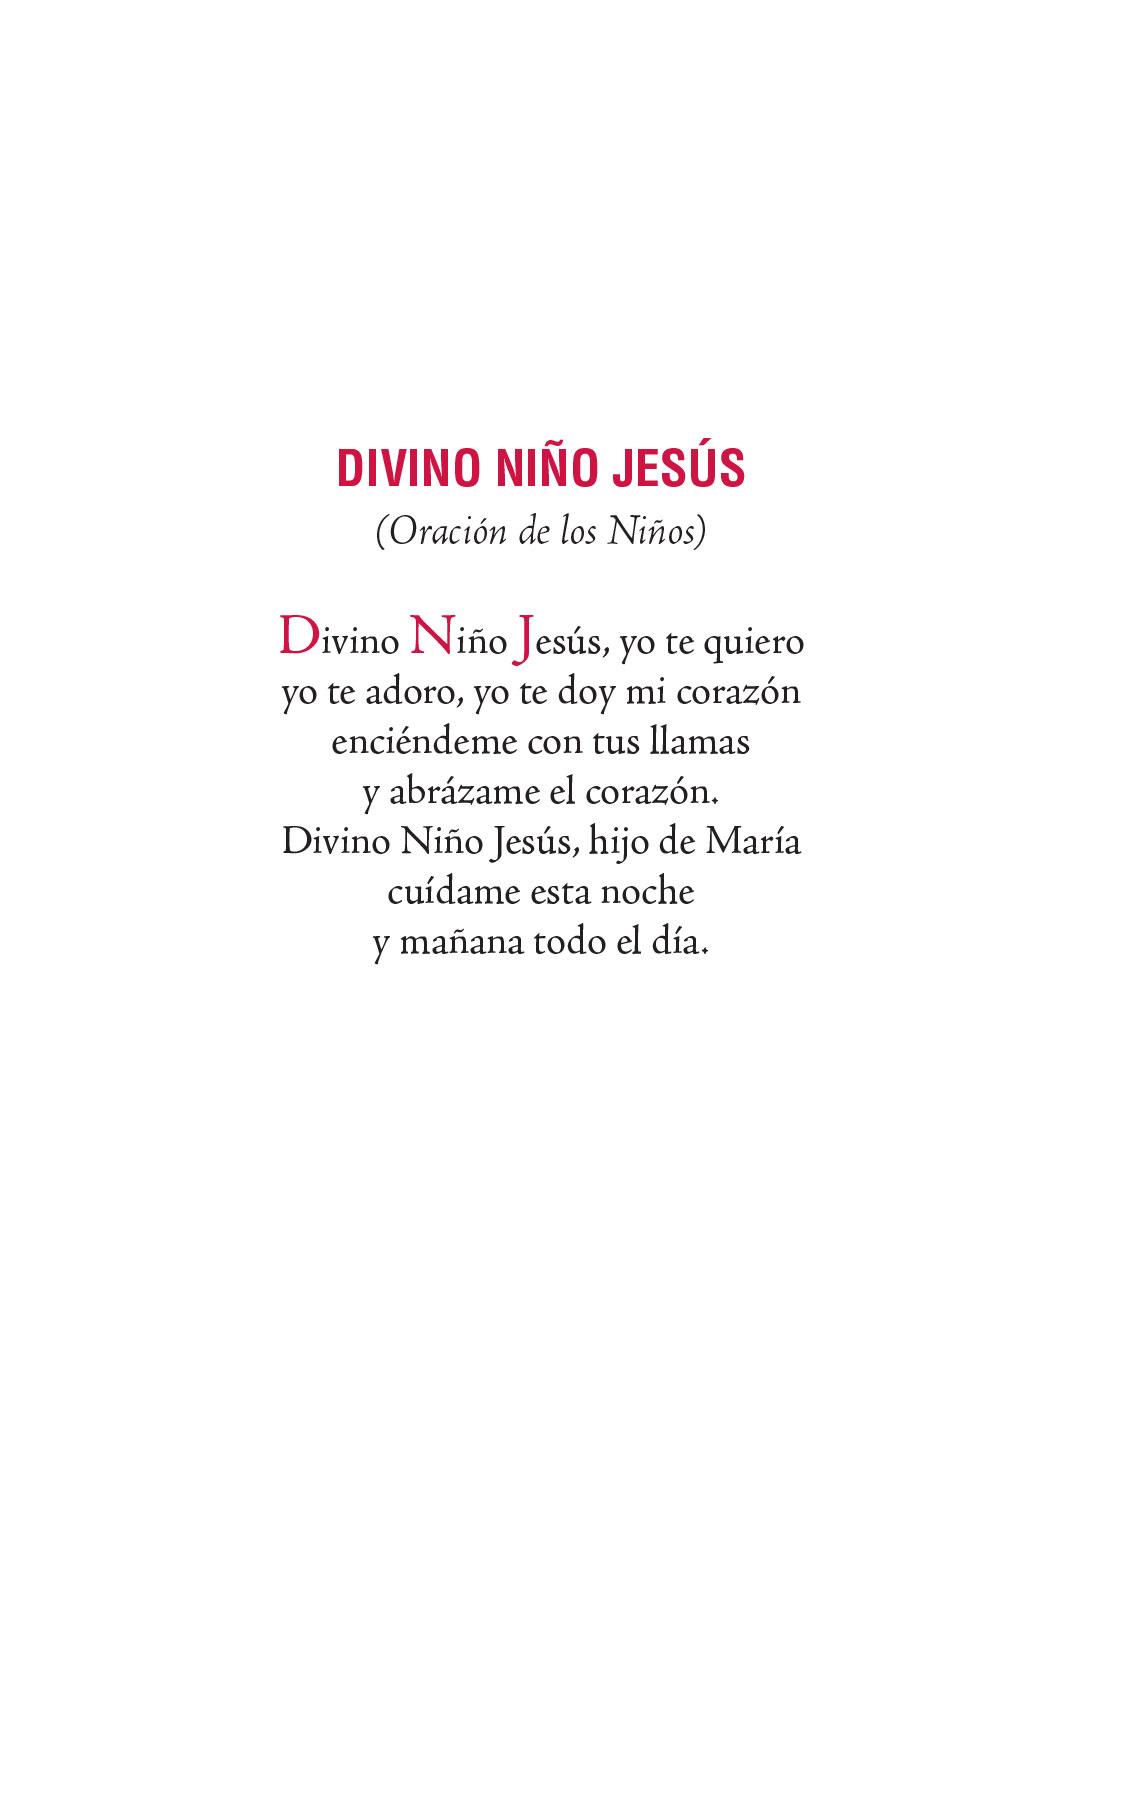 Divino Niño Jesús - Oración de los niños